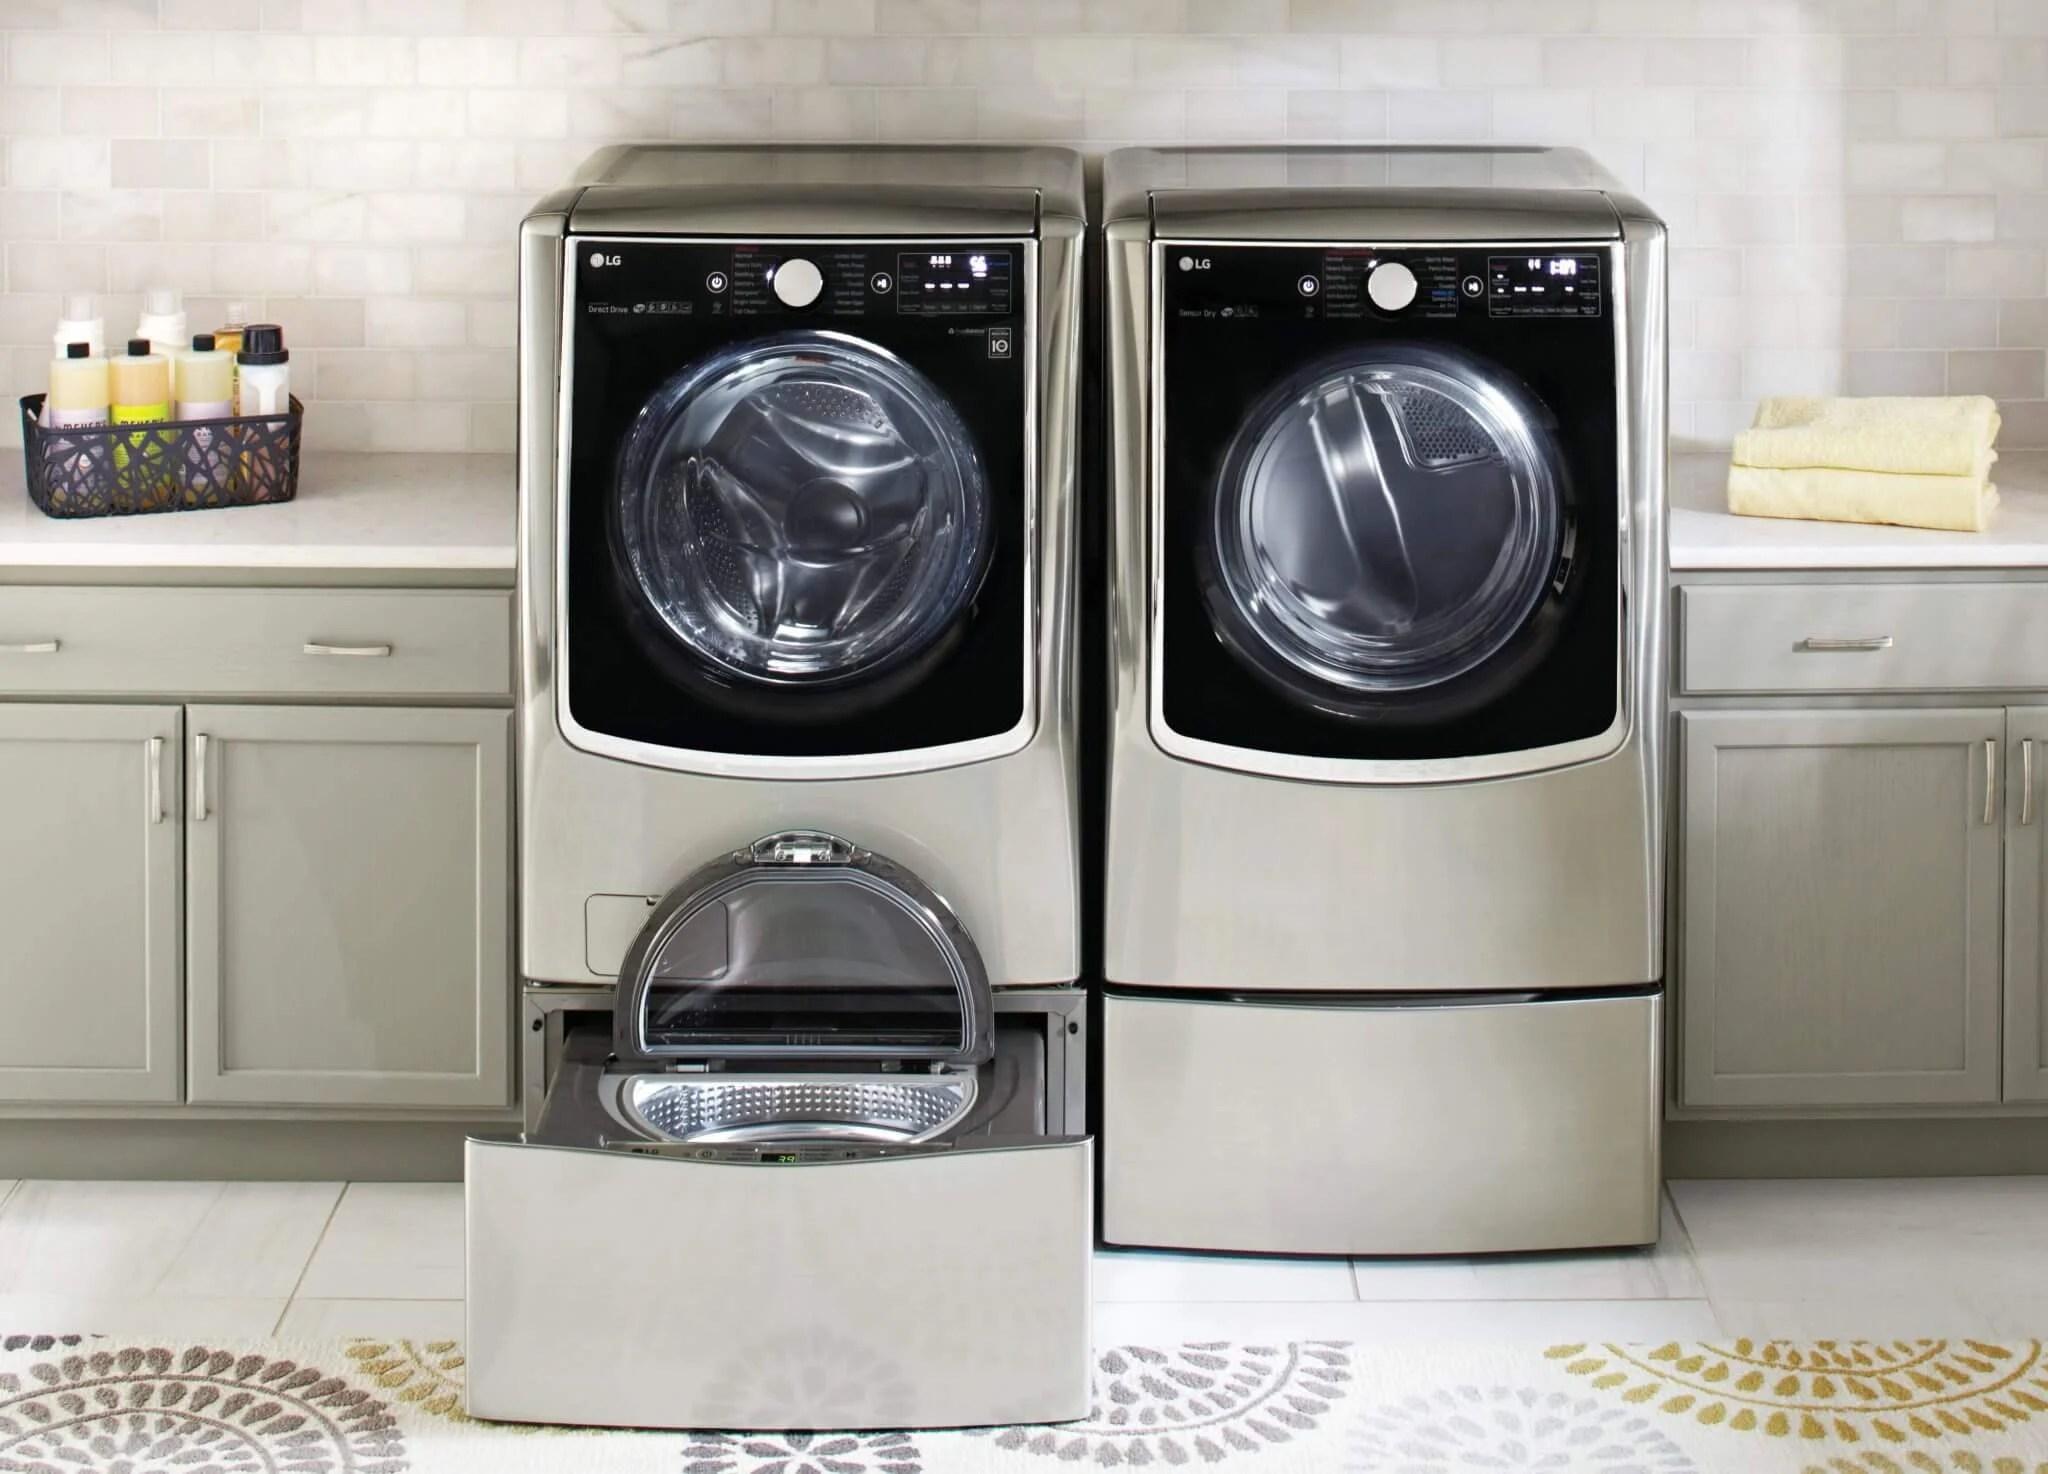 lg twin wash laundry machine01 - LG anuncia Lava e Seca TWINWash e novo portfólio de linha branca